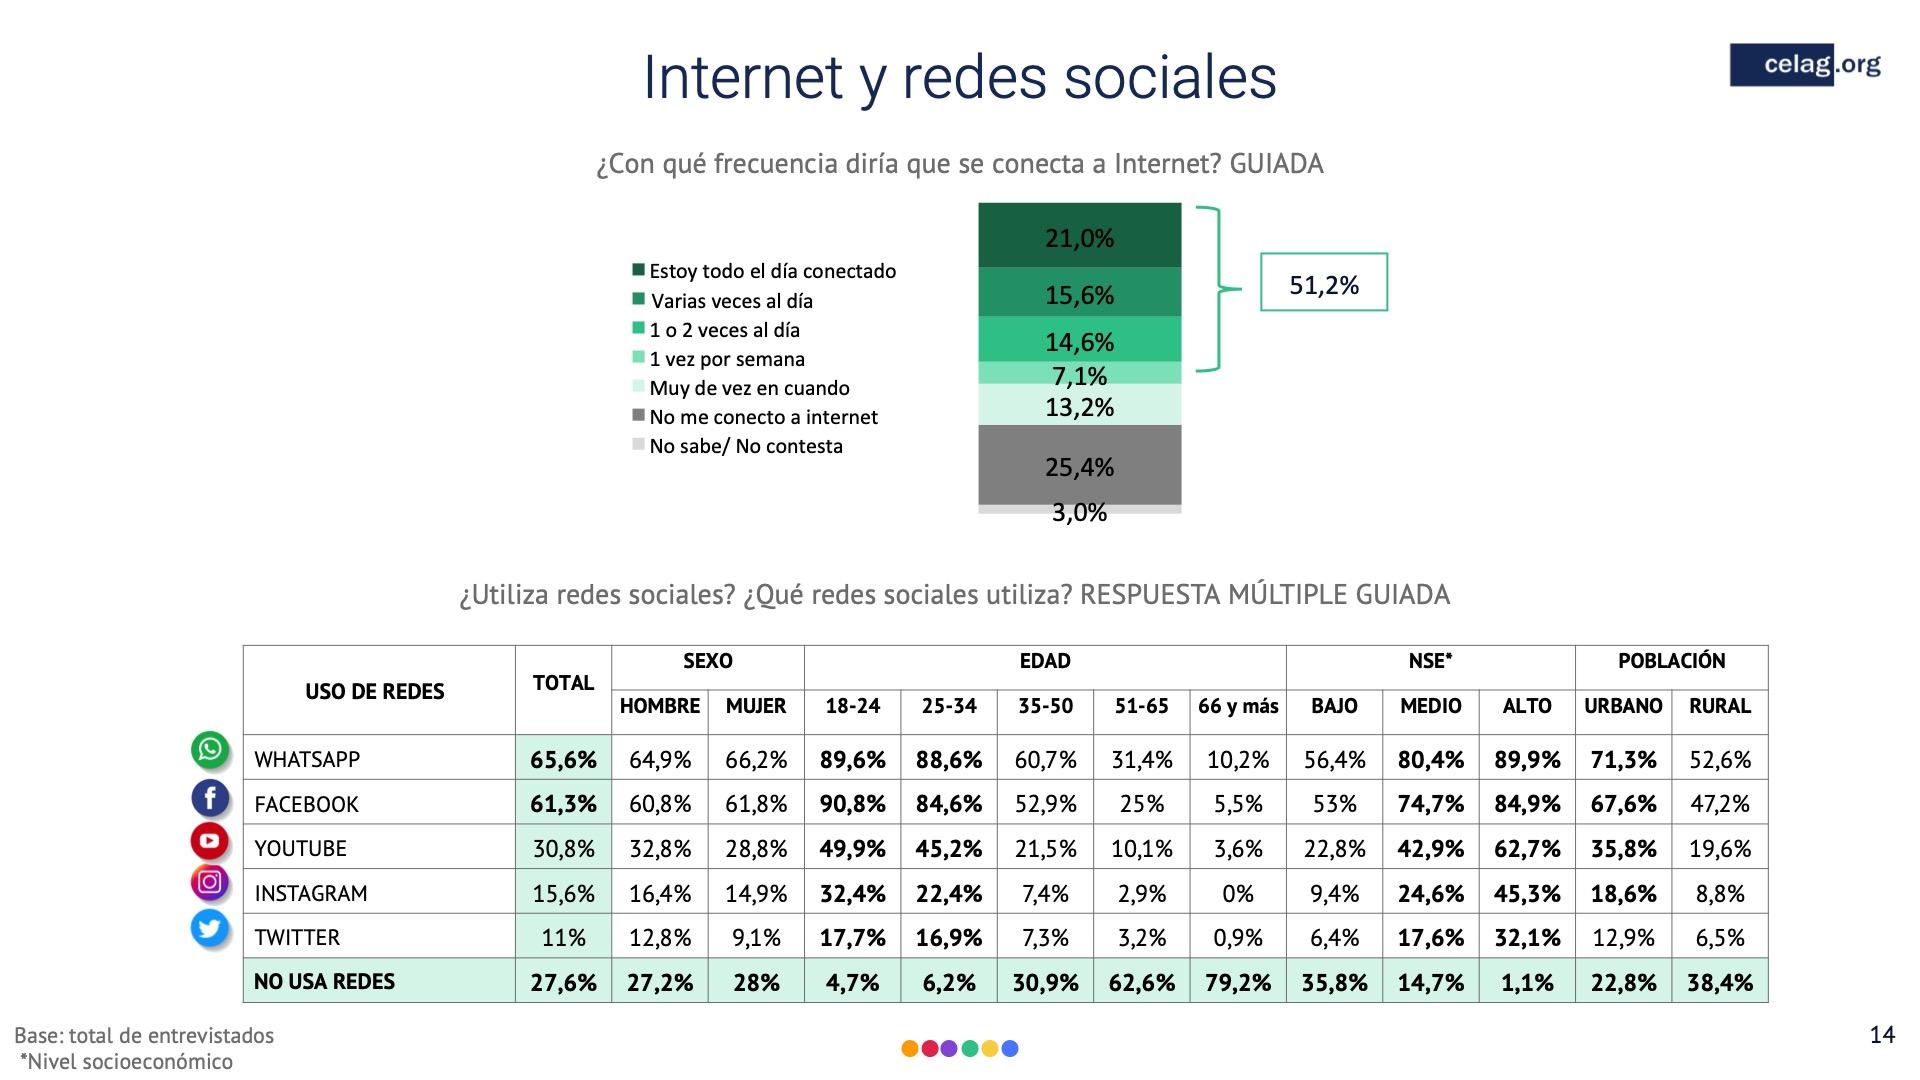 14 Elecciones bolivia internet y redes sociales